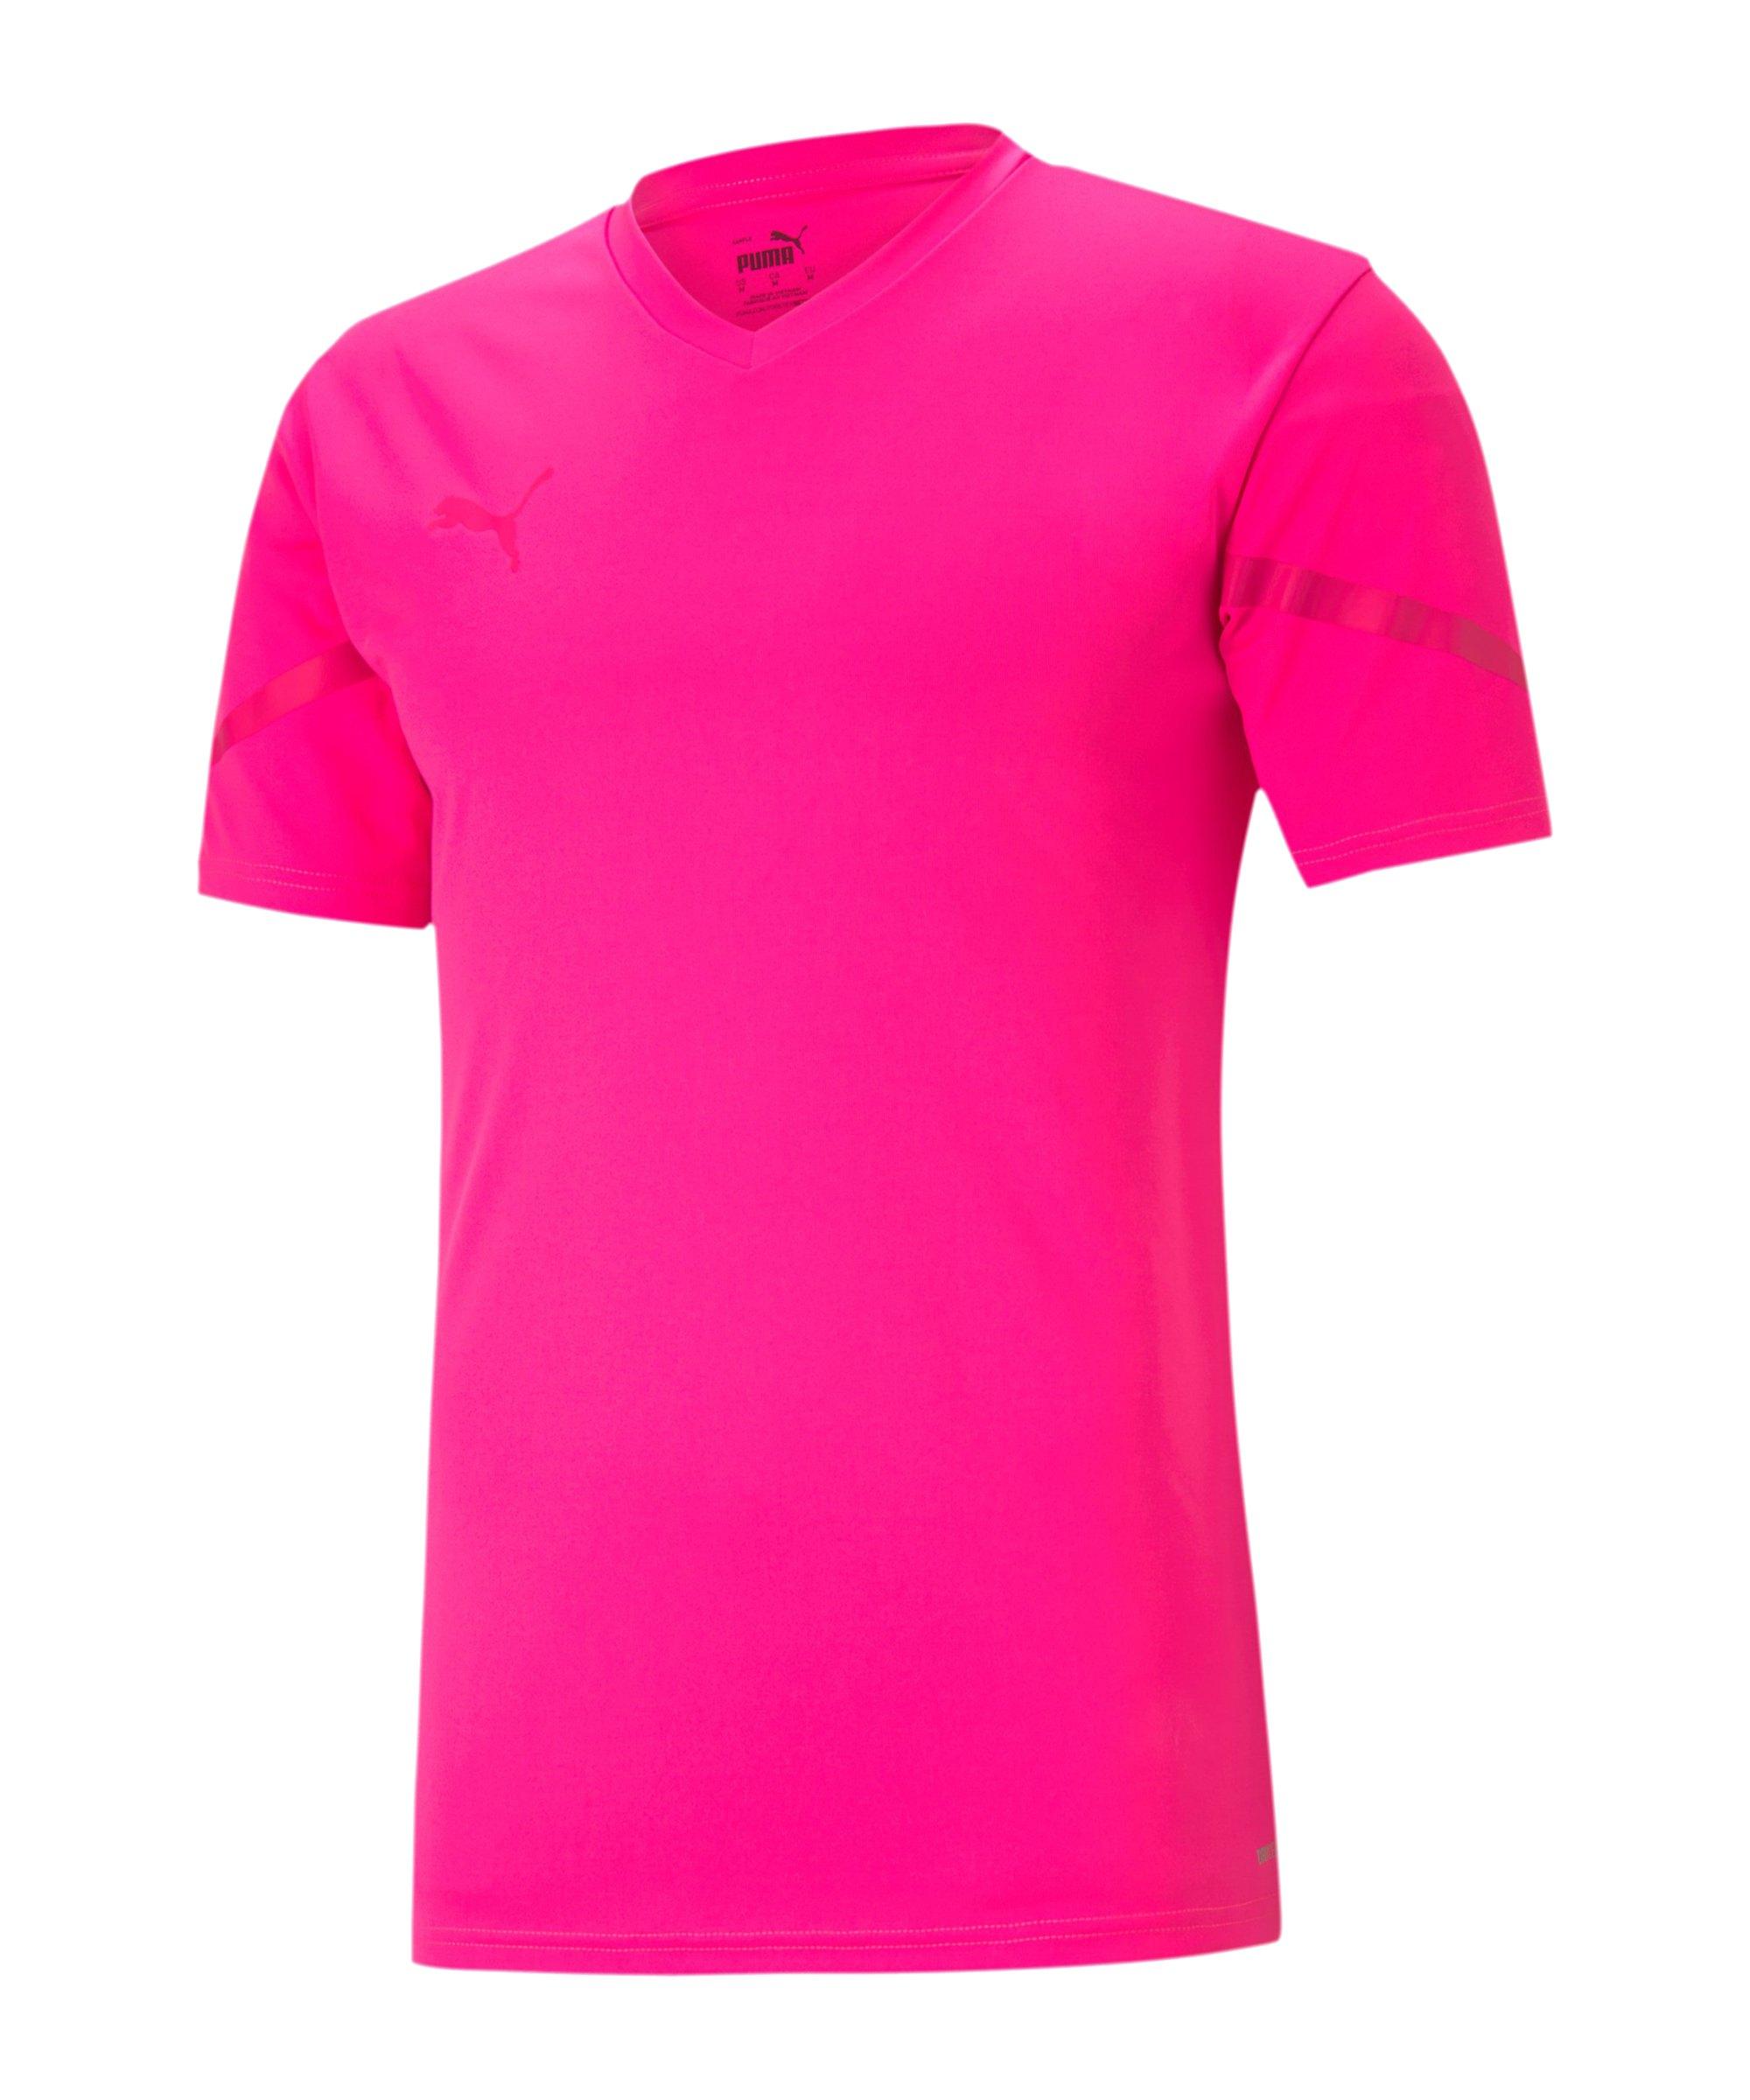 PUMA teamFLASH Trikot Pink F25 - pink